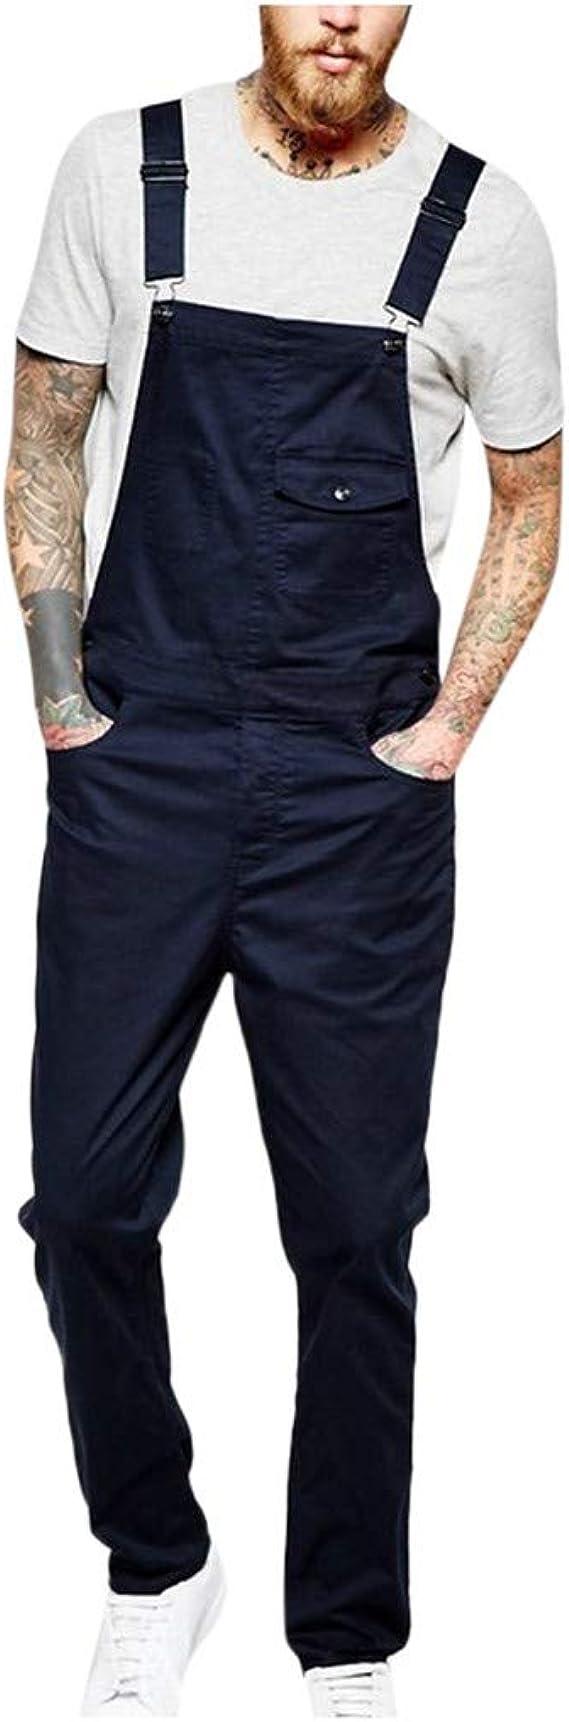 Pantal/ón Chandal Mujer Mono Jumpsuit Casual Pantalones con Cord/ón Peto Vaquero Mono de Jeans Suelto para se/ñora Talla Grande Estampado de Camuflaje STRIR